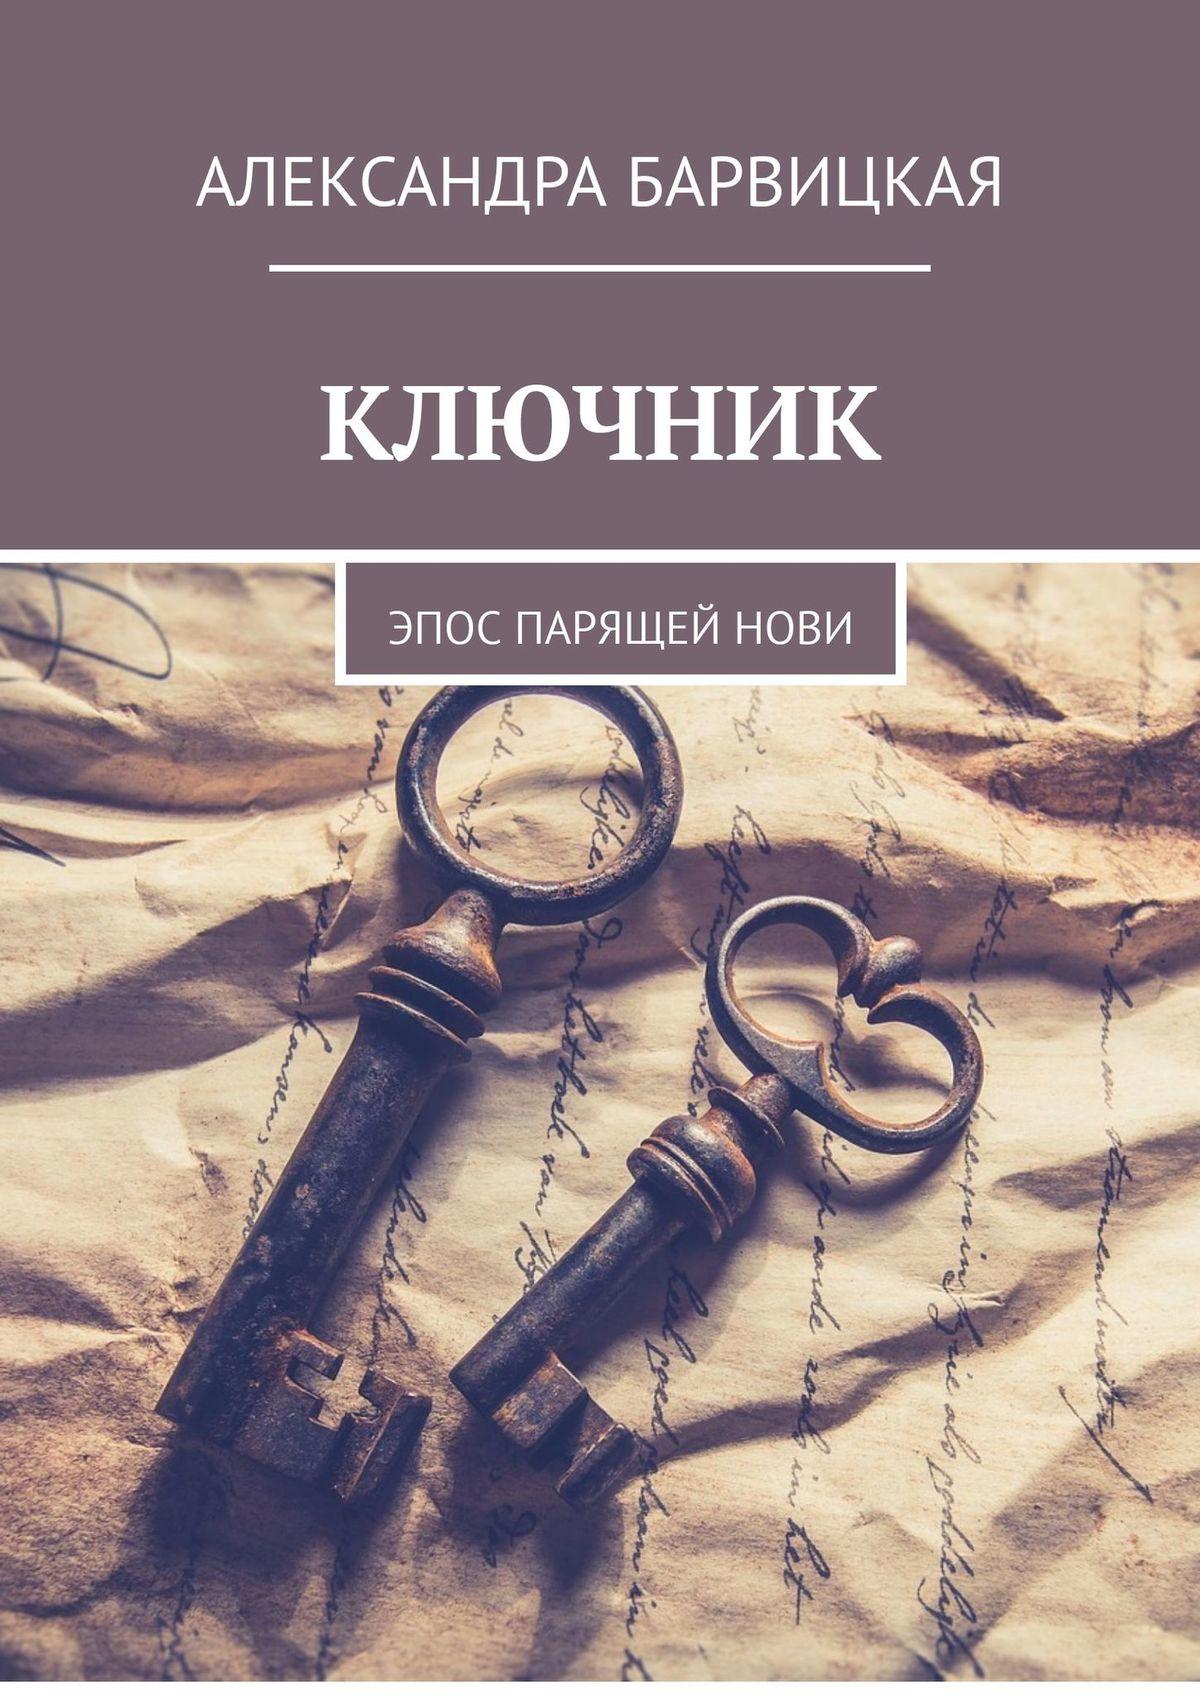 Купить книгу КЛЮЧНИК. Эпос ПАРящейНови, автора Александры Барвицкой